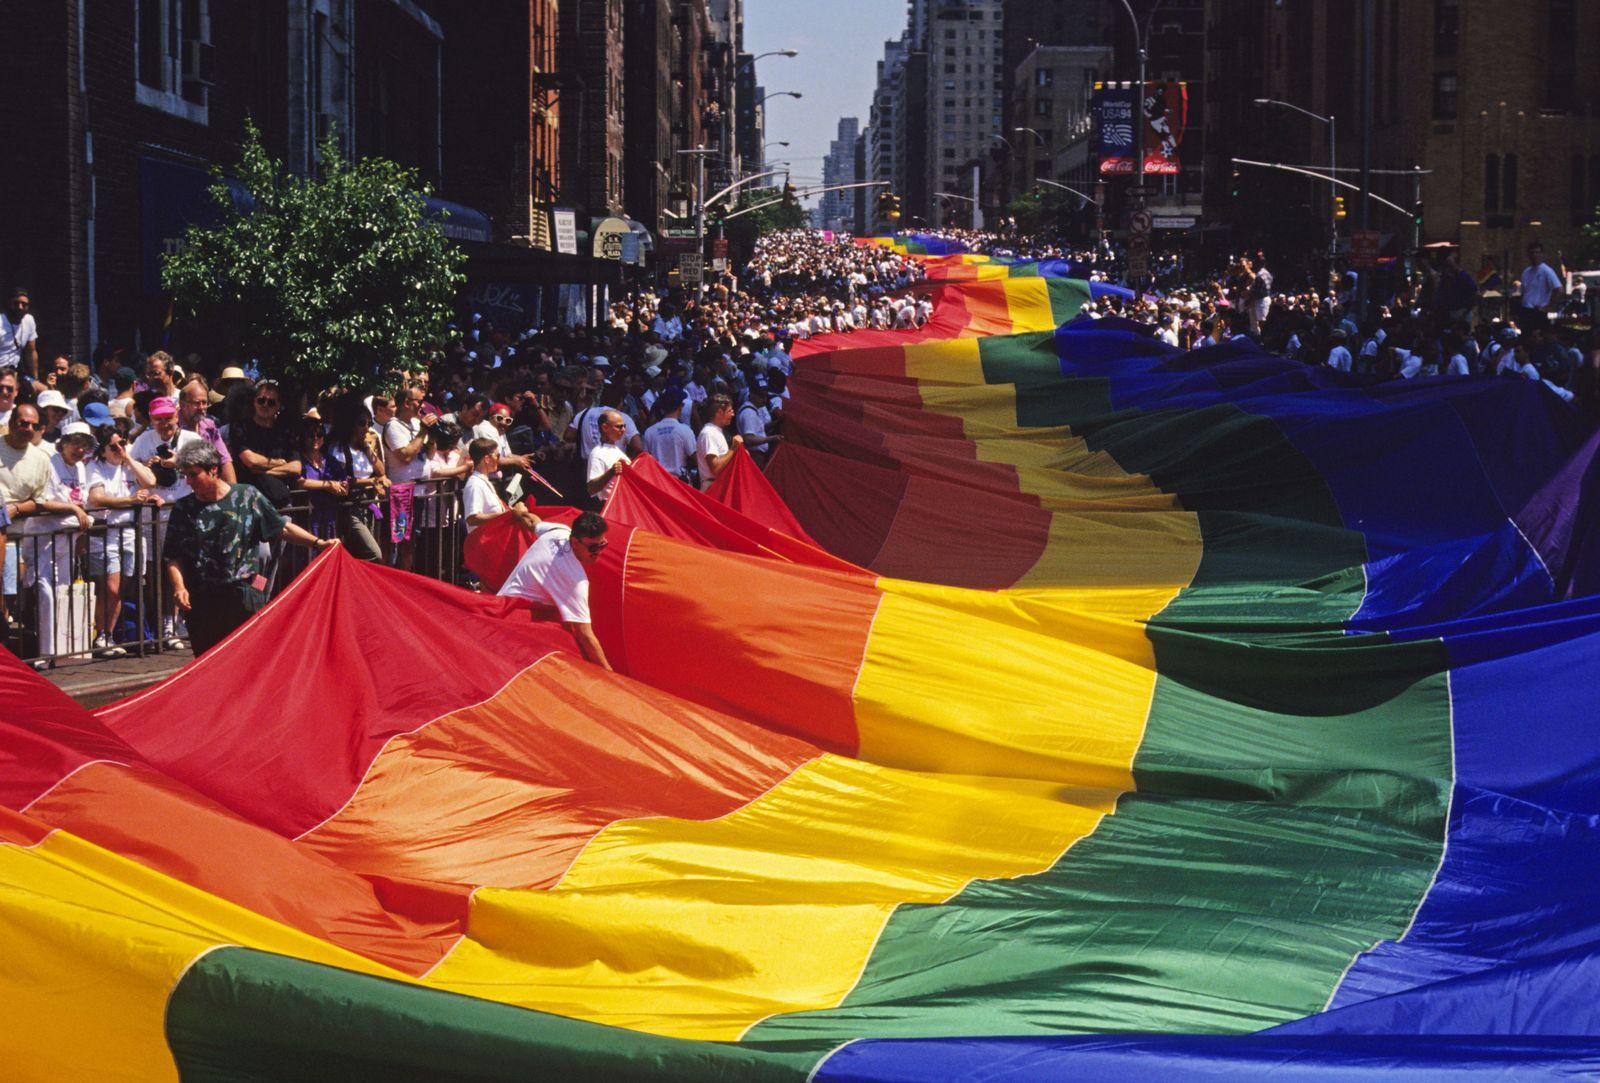 NICHT MEHR VERWENDEN! - Homosexuell / New York / Parade